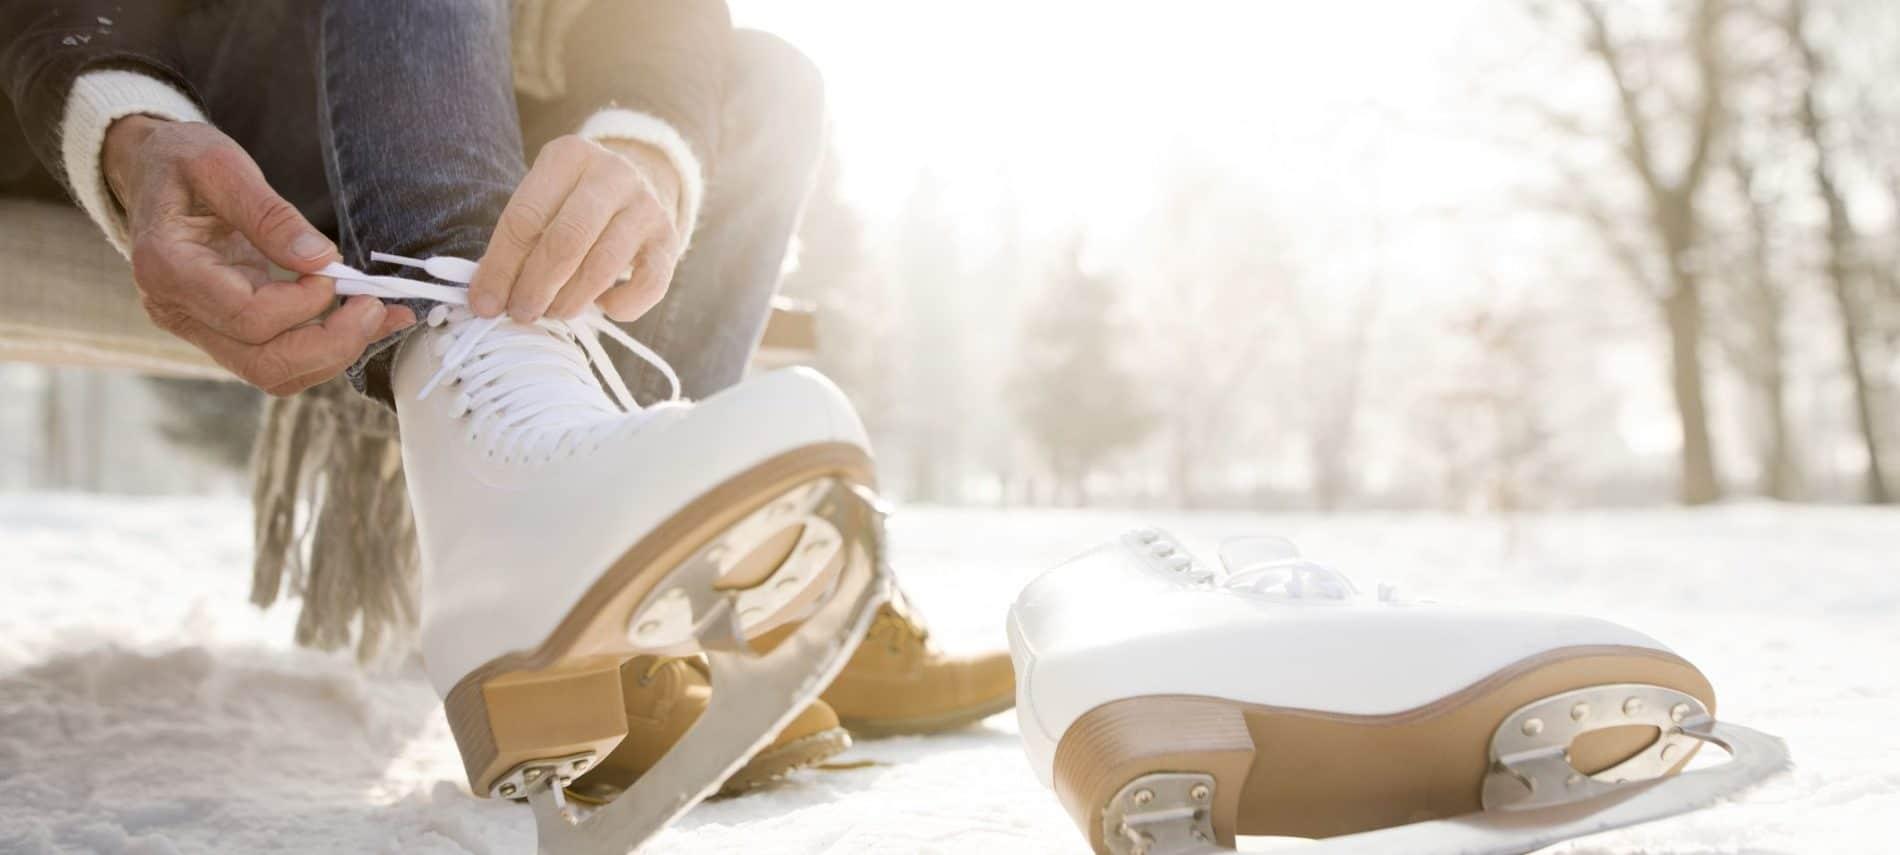 woman tying her white ice skates